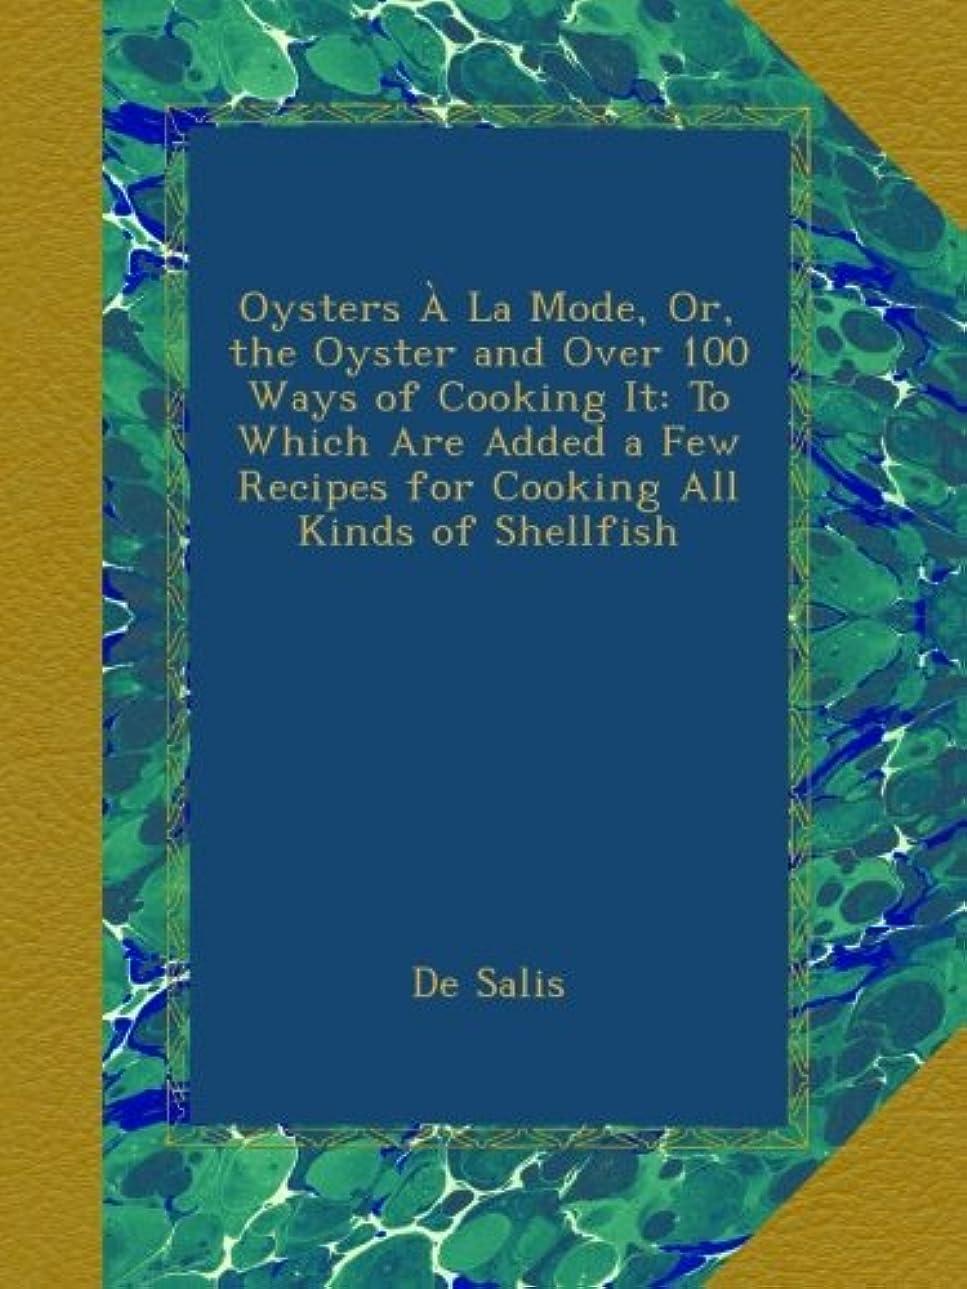 事件、出来事染料震えOysters à La Mode, Or, the Oyster and Over 100 Ways of Cooking It: To Which Are Added a Few Recipes for Cooking All Kinds of Shellfish